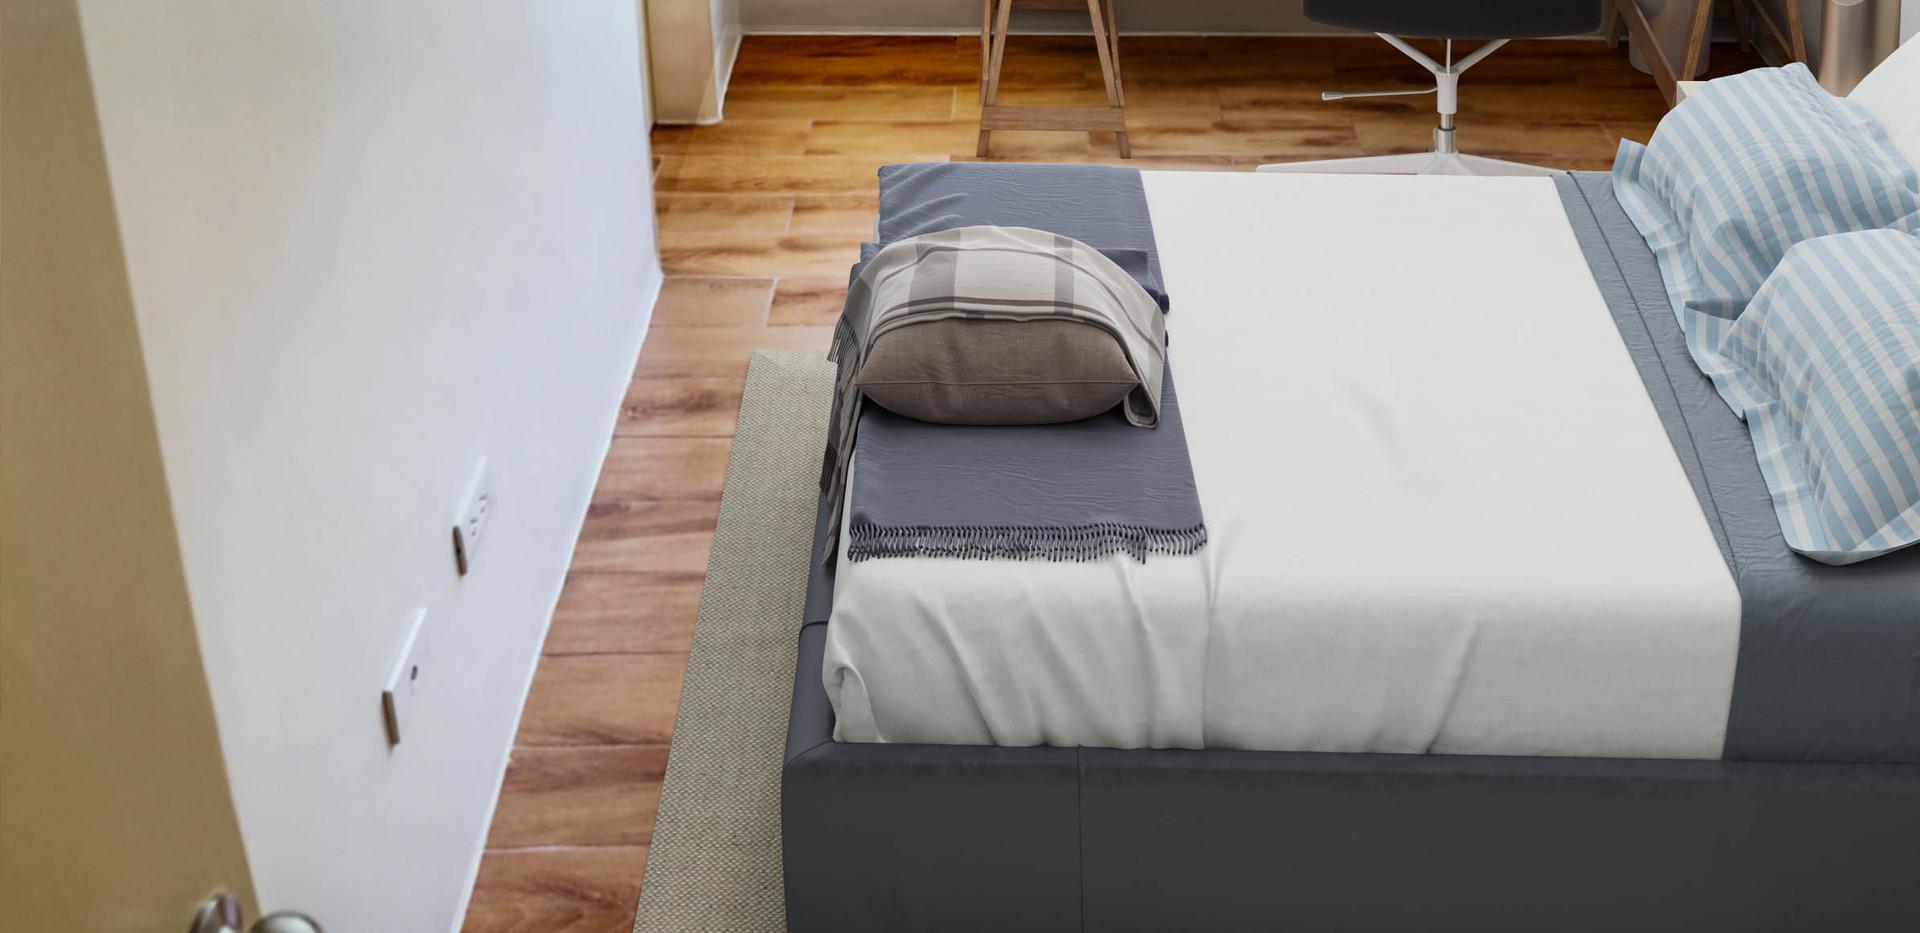 2-Bedroom Unit Master's Bedroom